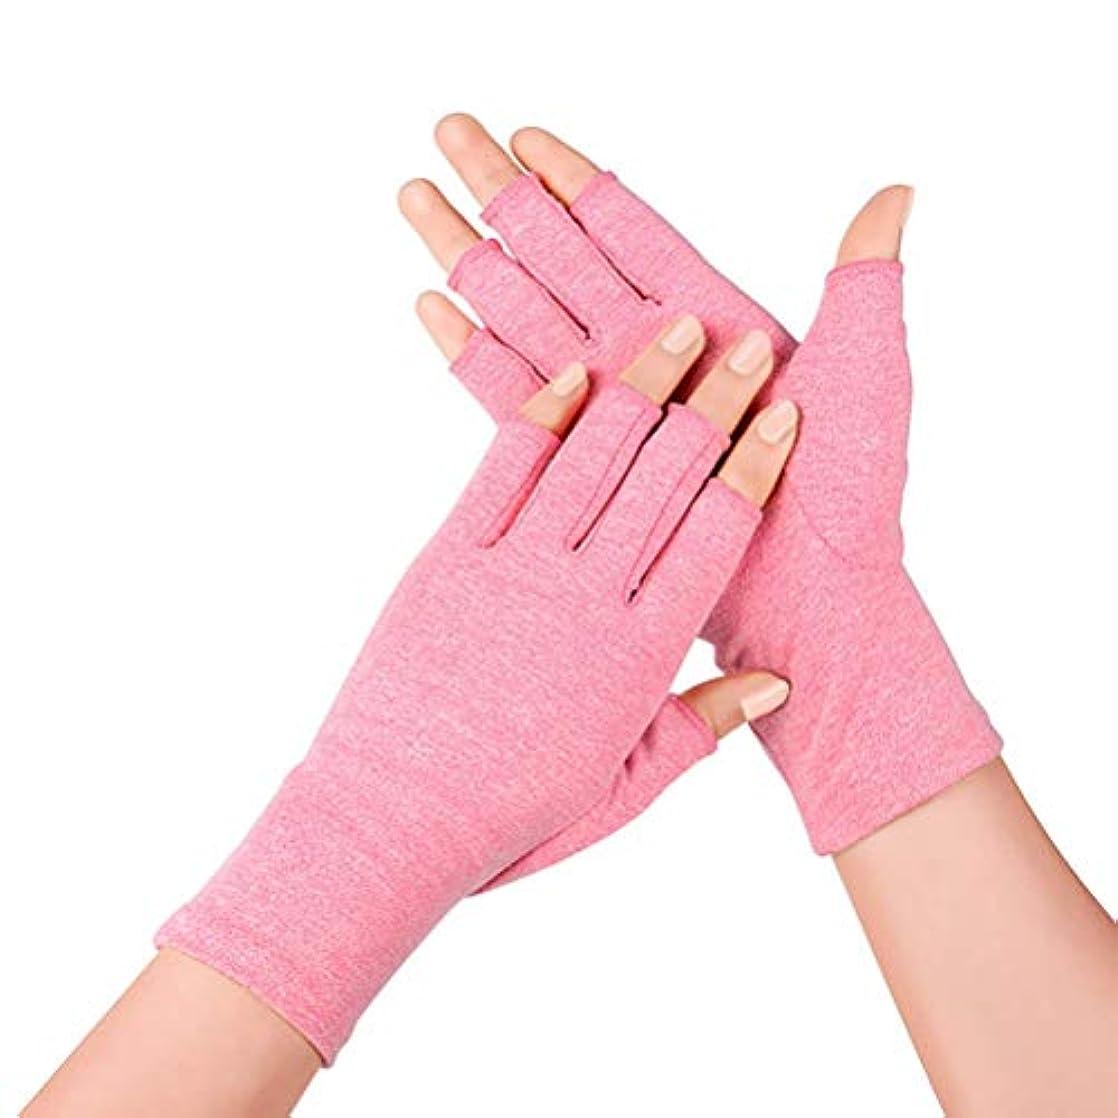 快適慎重に褒賞関節炎手袋スポーツ銅ファイバー看護ハーフフィンガーグローブリハビリトレーニング関節炎圧力手袋 (Color : Pink, Size : M)